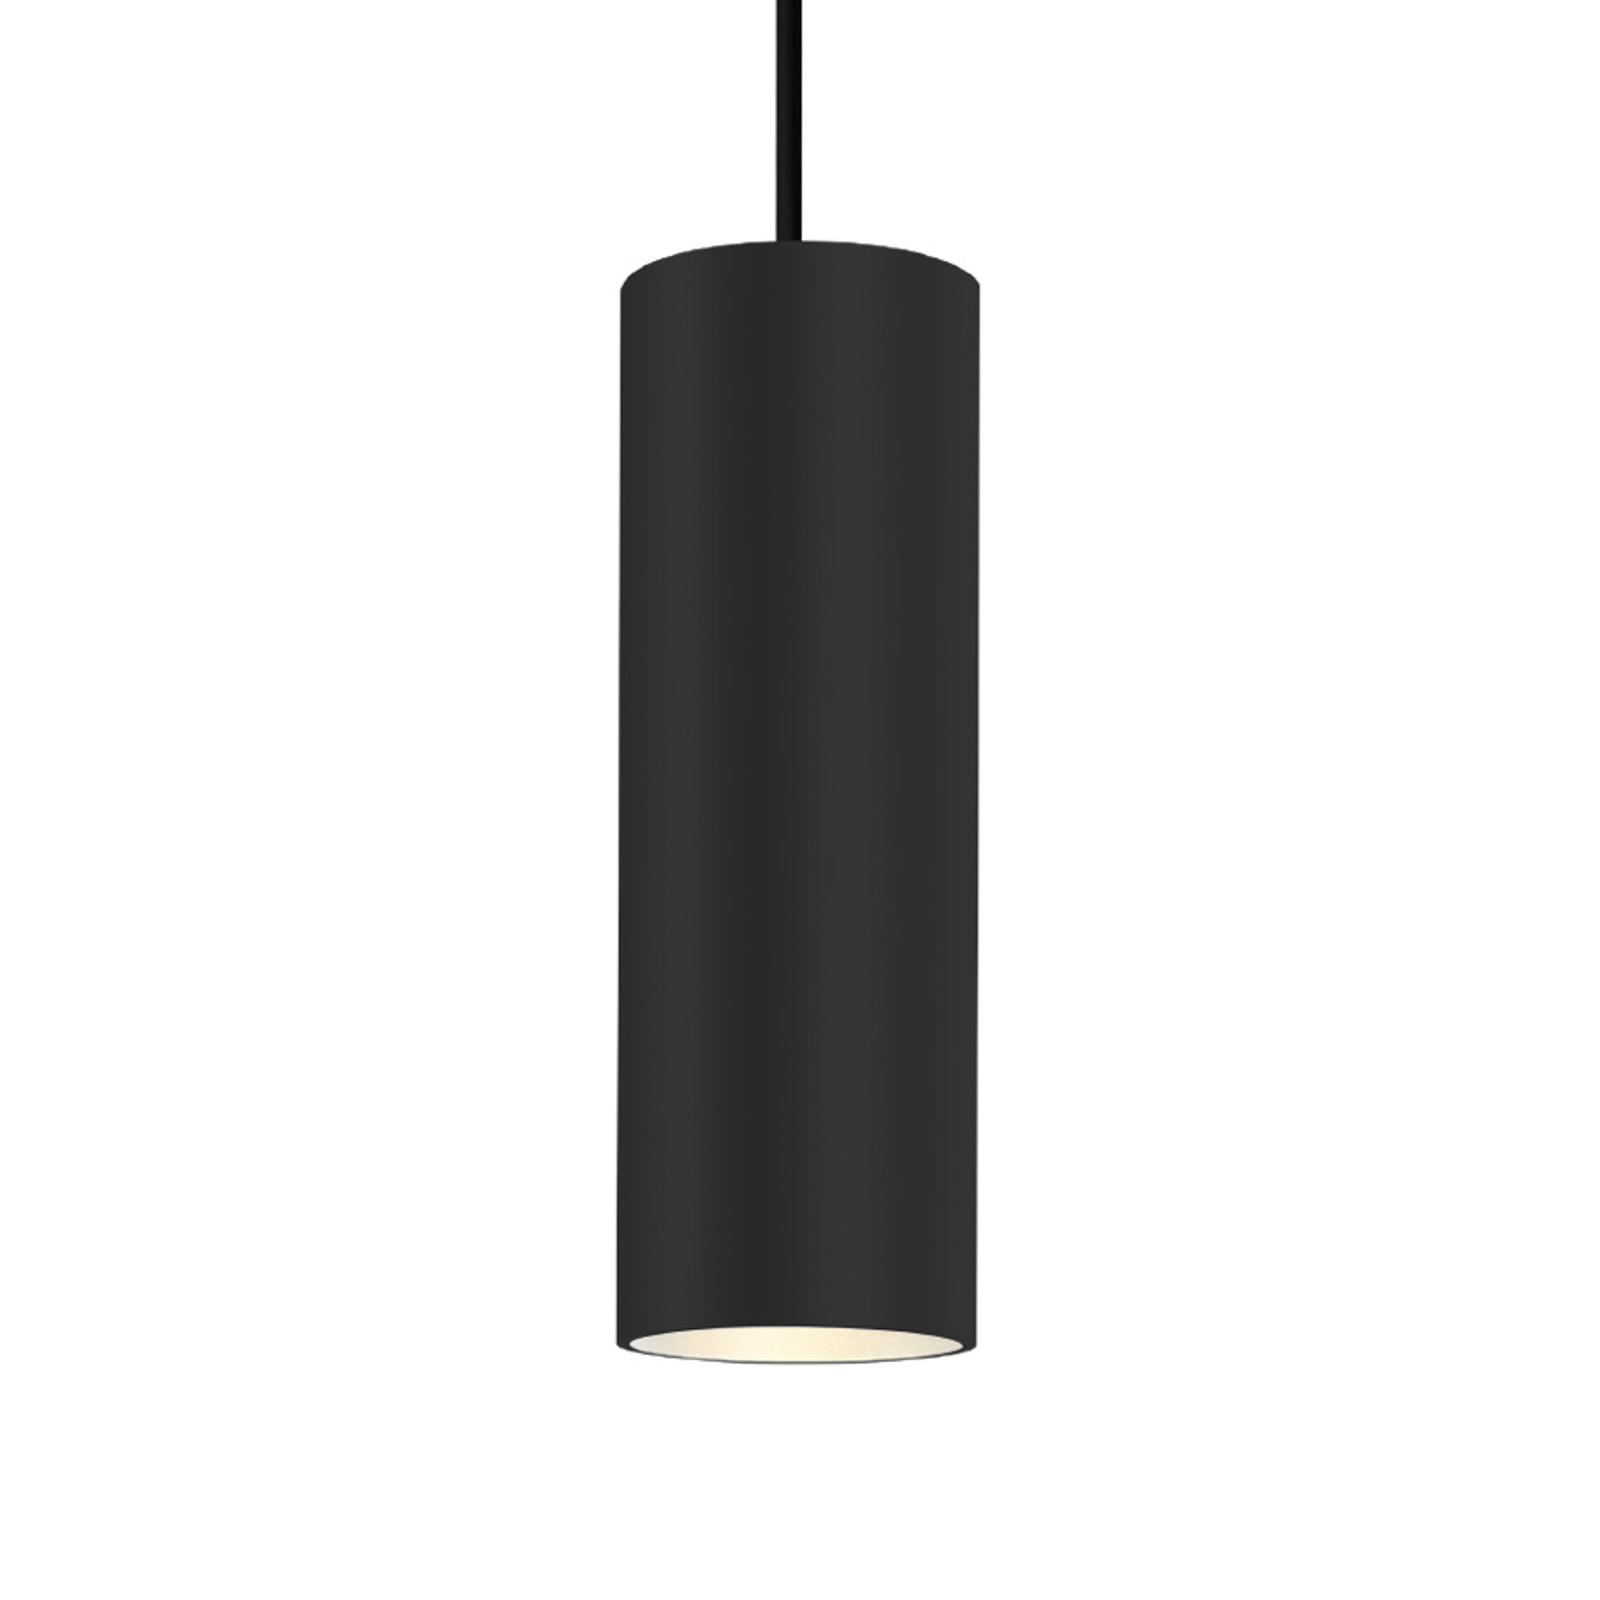 WEVER & DUCRÉ Ray 2.0 PAR16 Hängelampe schwarz